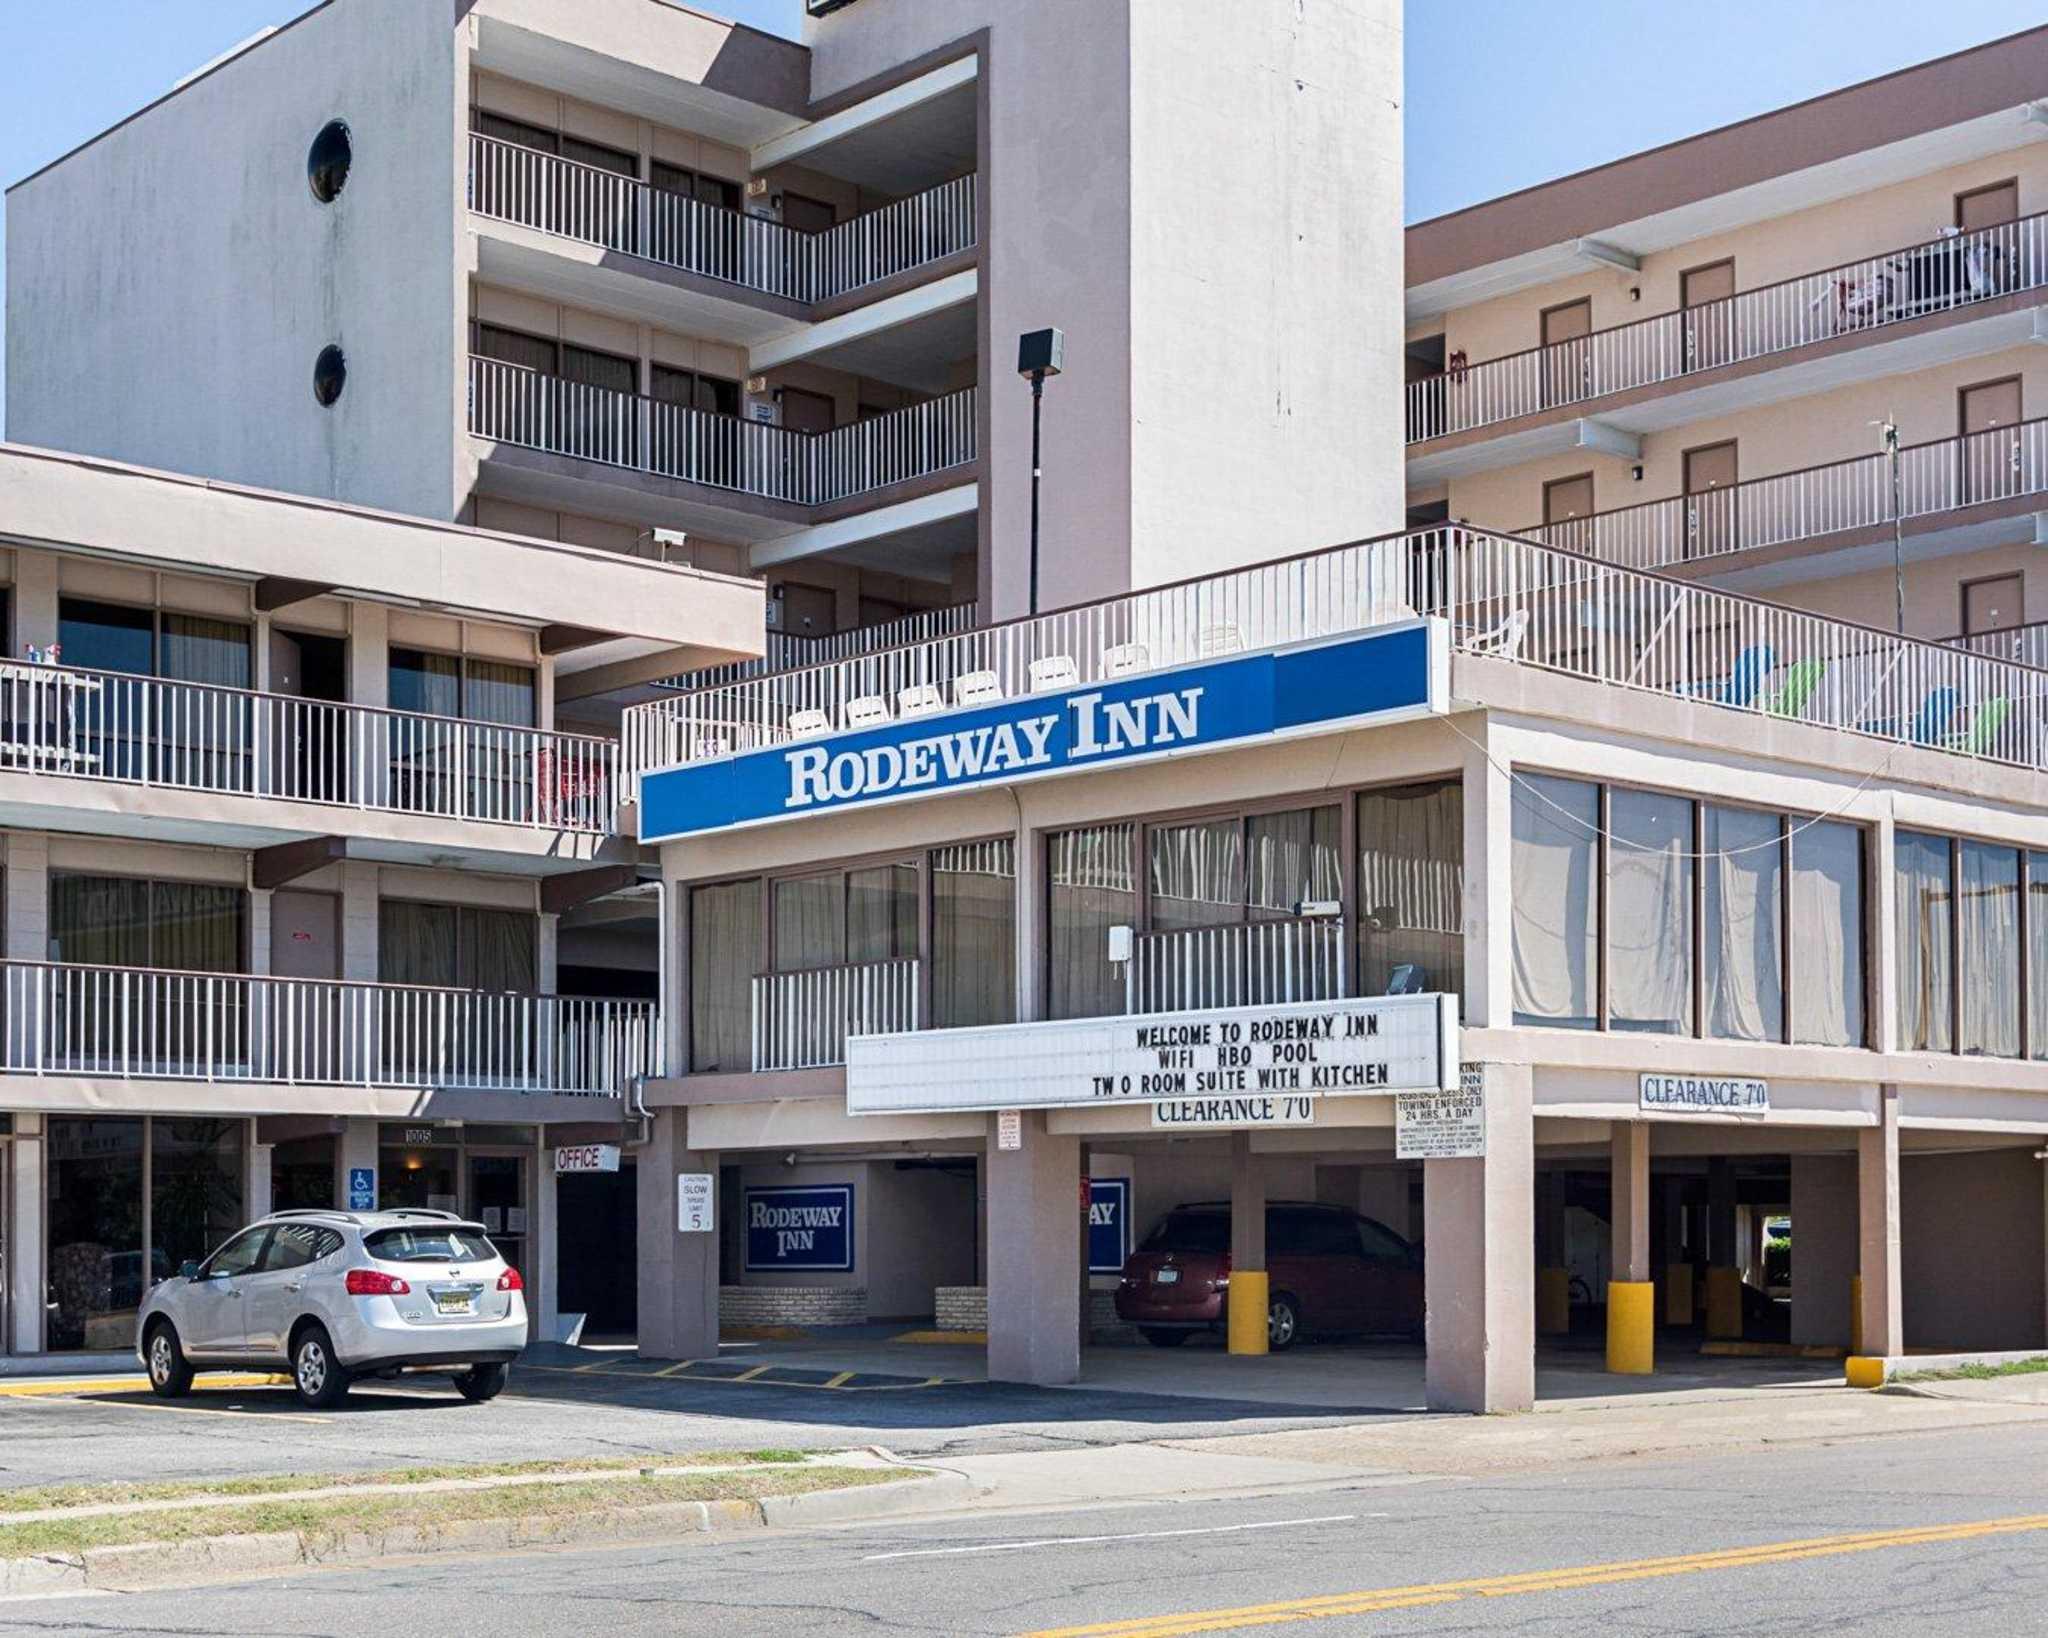 Rodeway Inn by the Beach